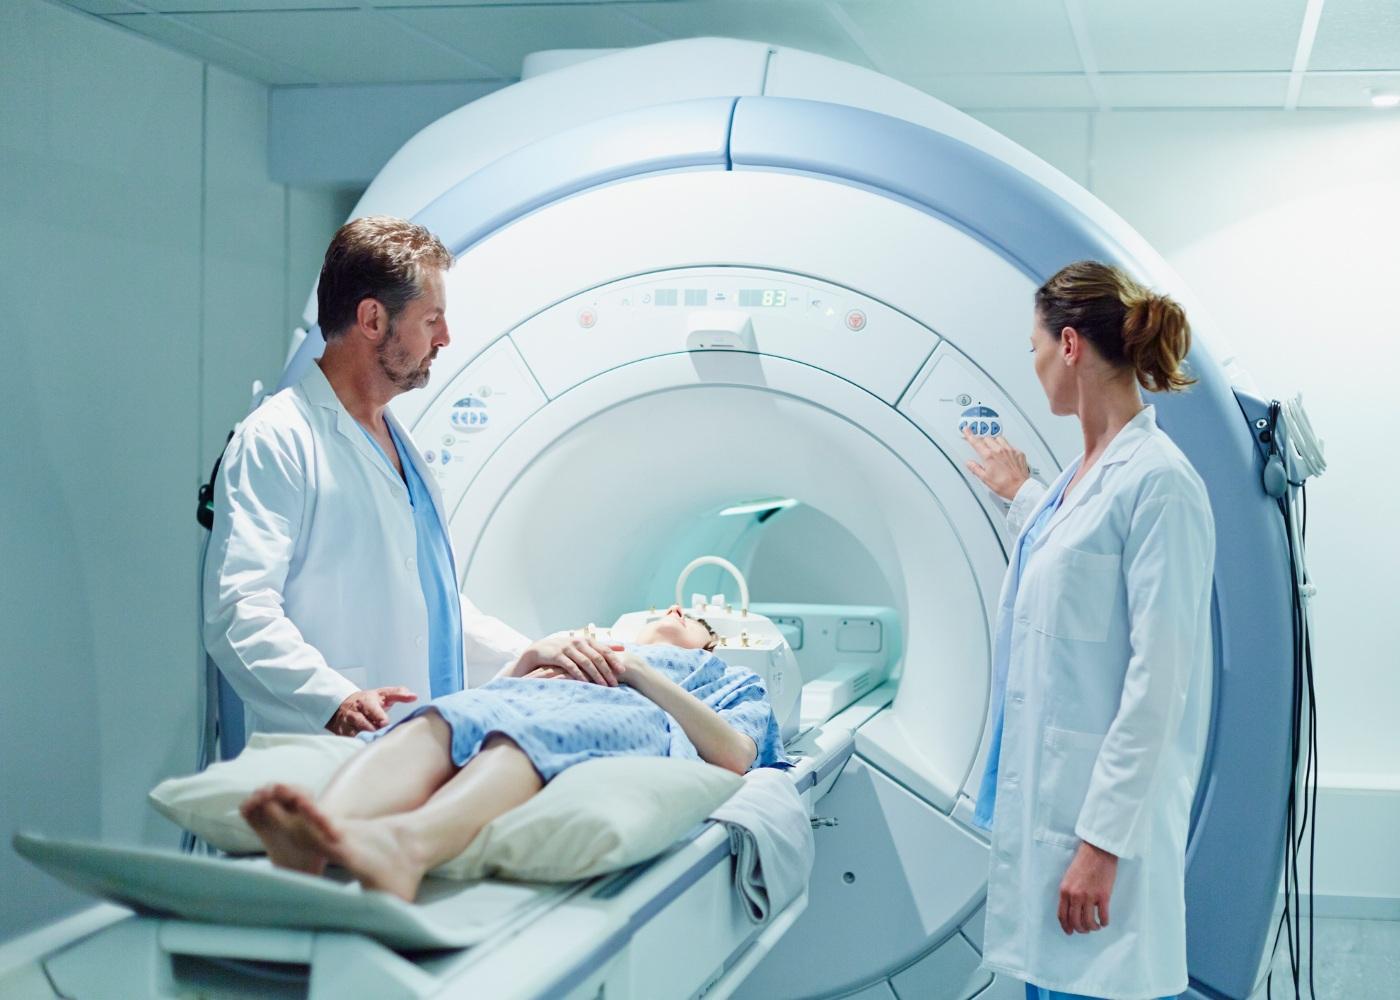 Máquina de ressonância magnética